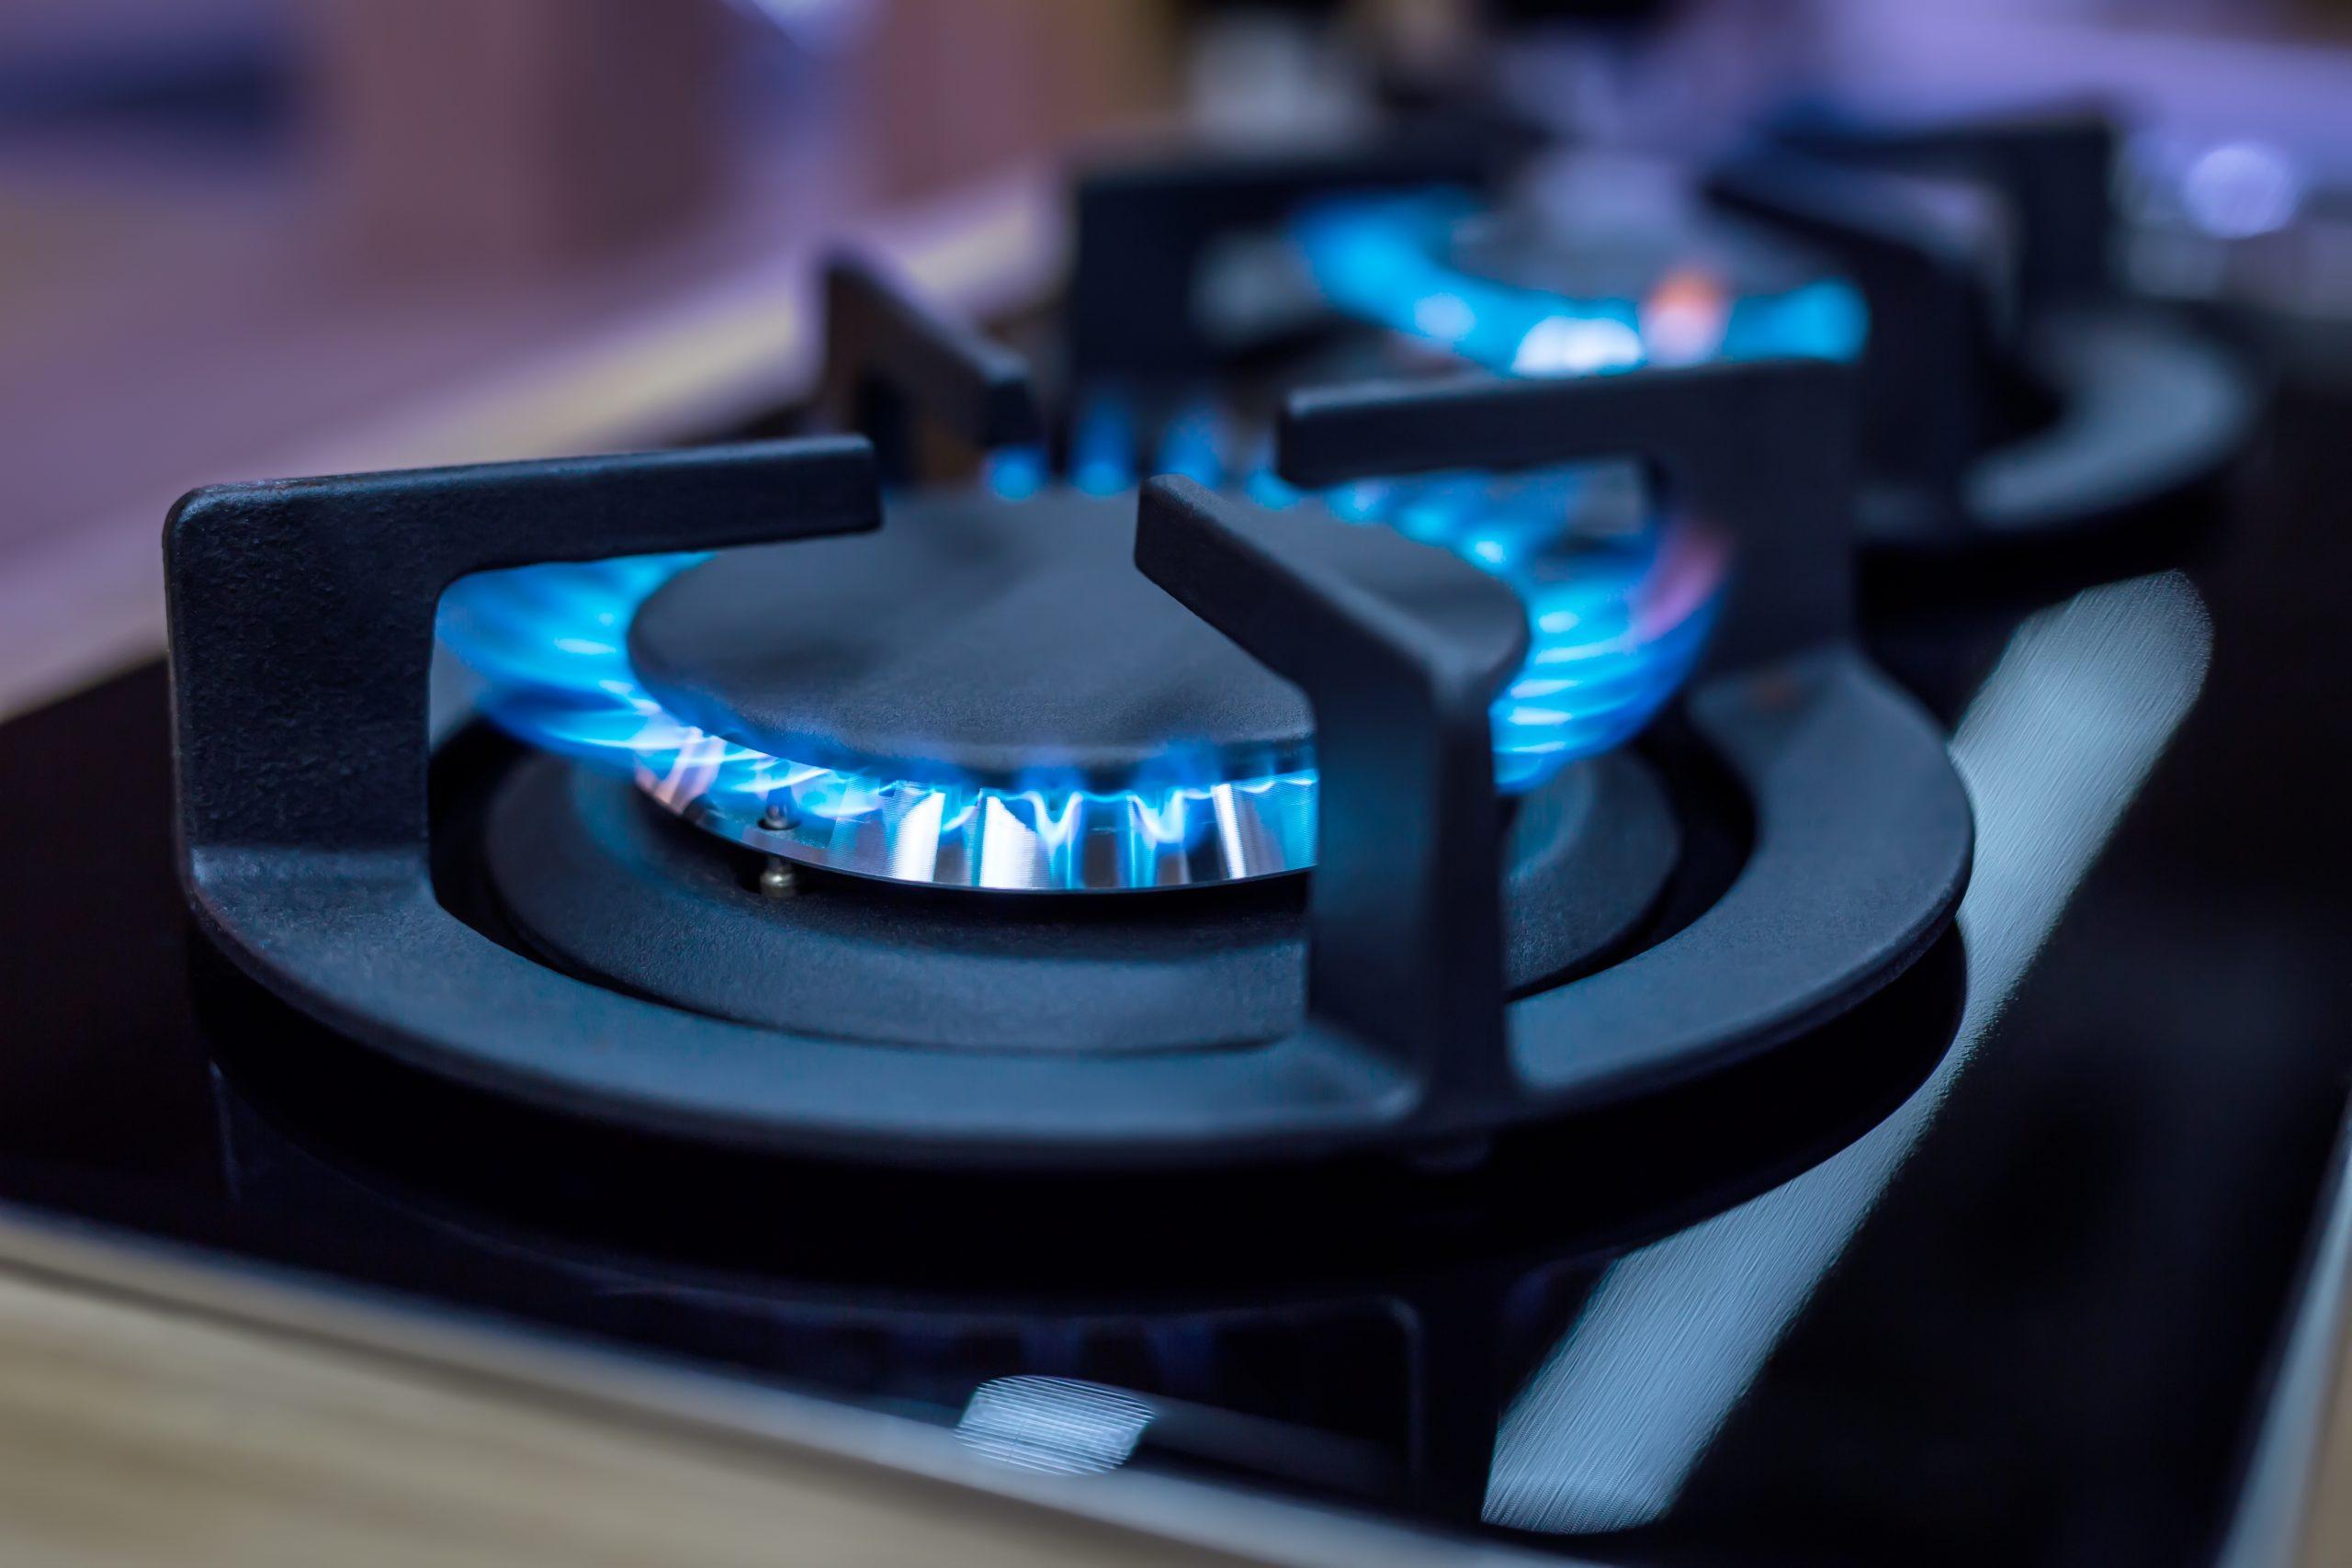 Olor a gas: una medida de seguridad en sí misma